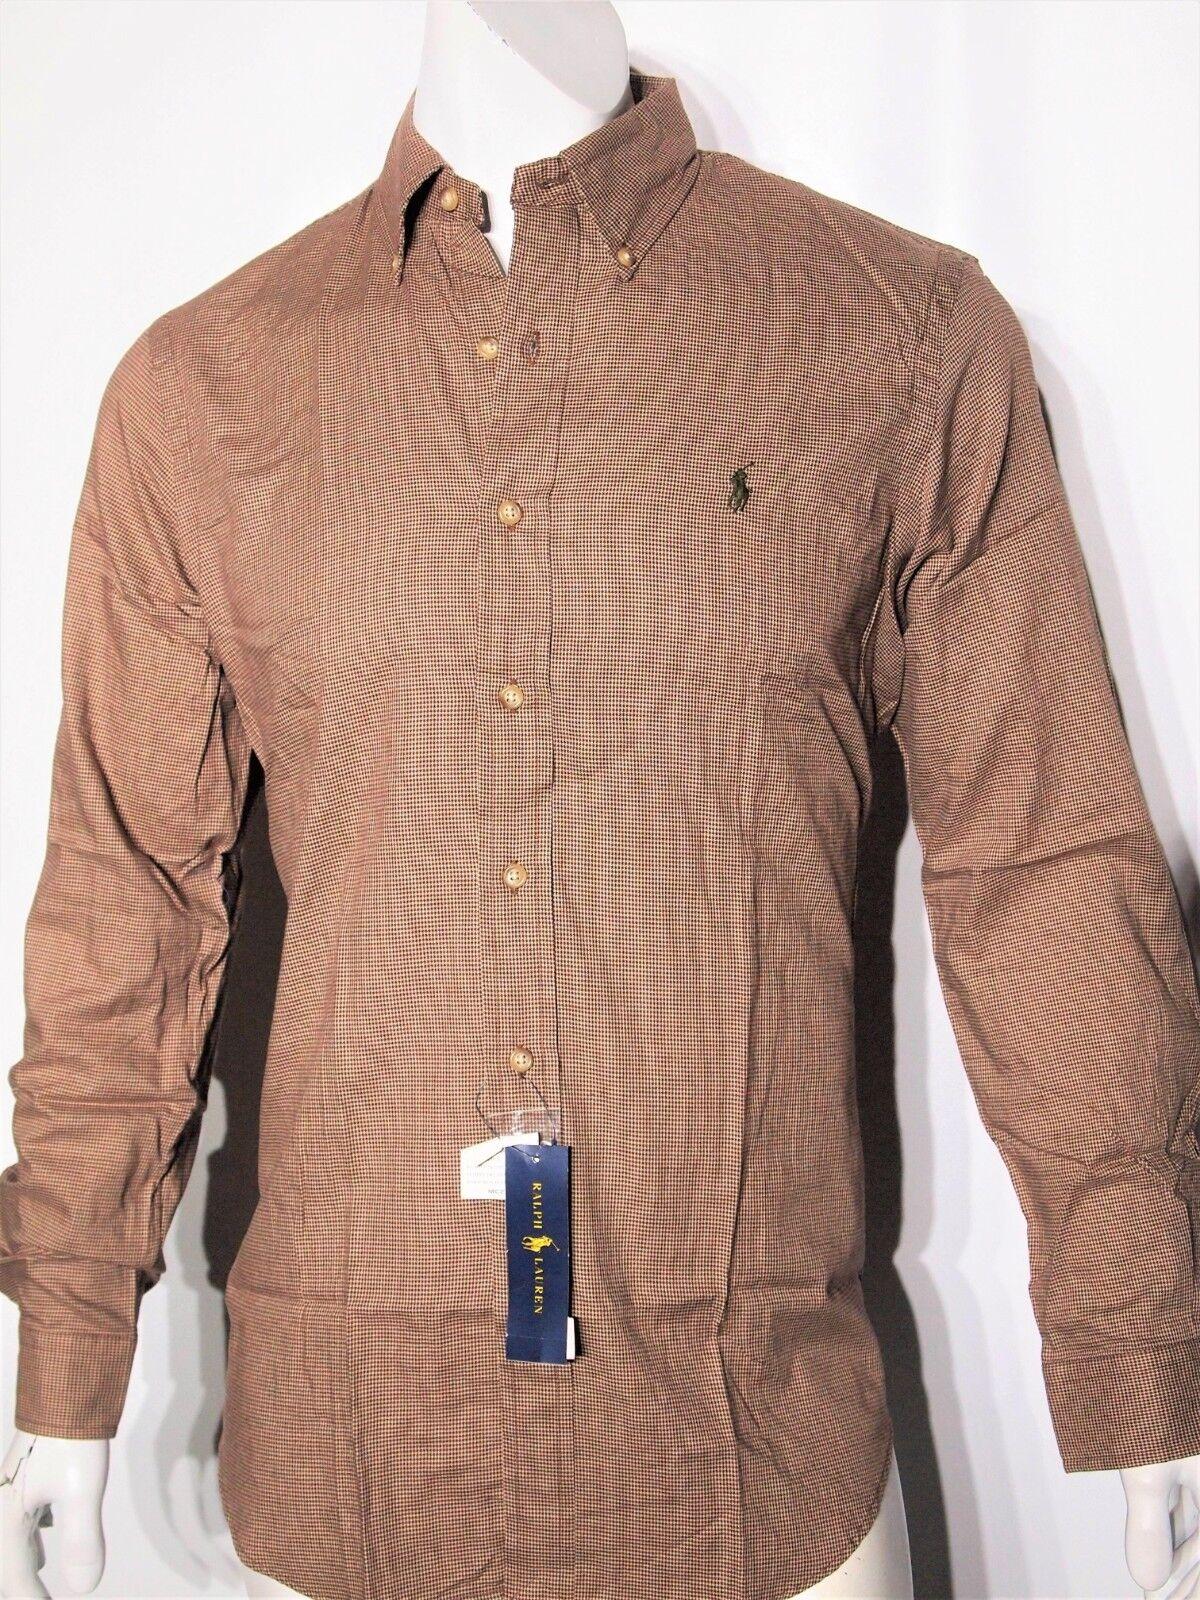 Ralph Lauren size small men's long sleeve plaid shirt